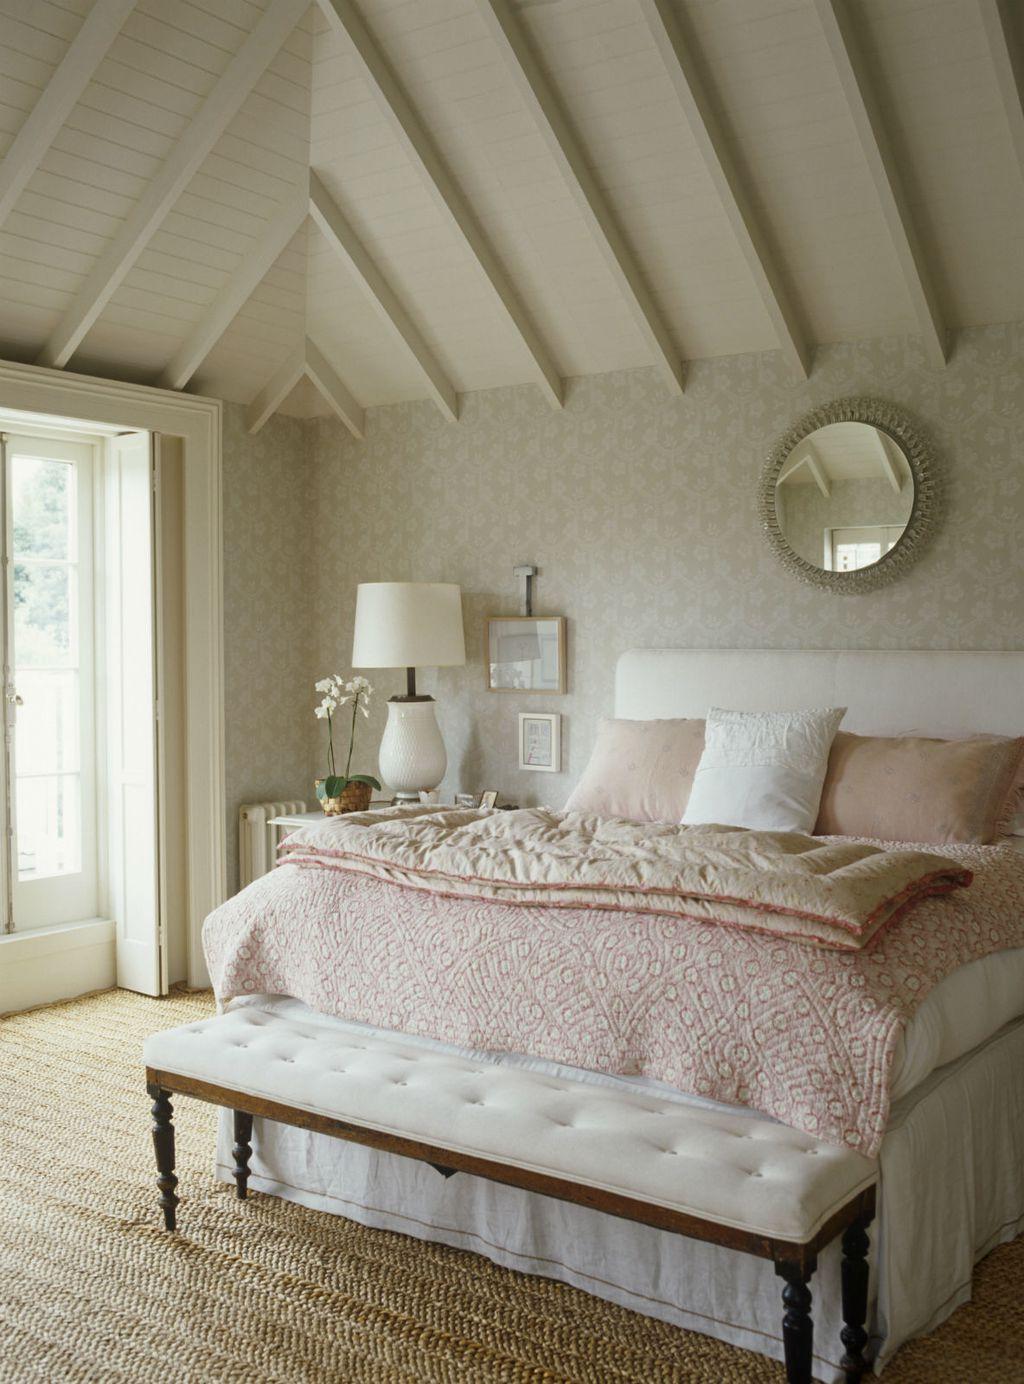 Kreveti u kojima bismo proveli cijeli dan - 14